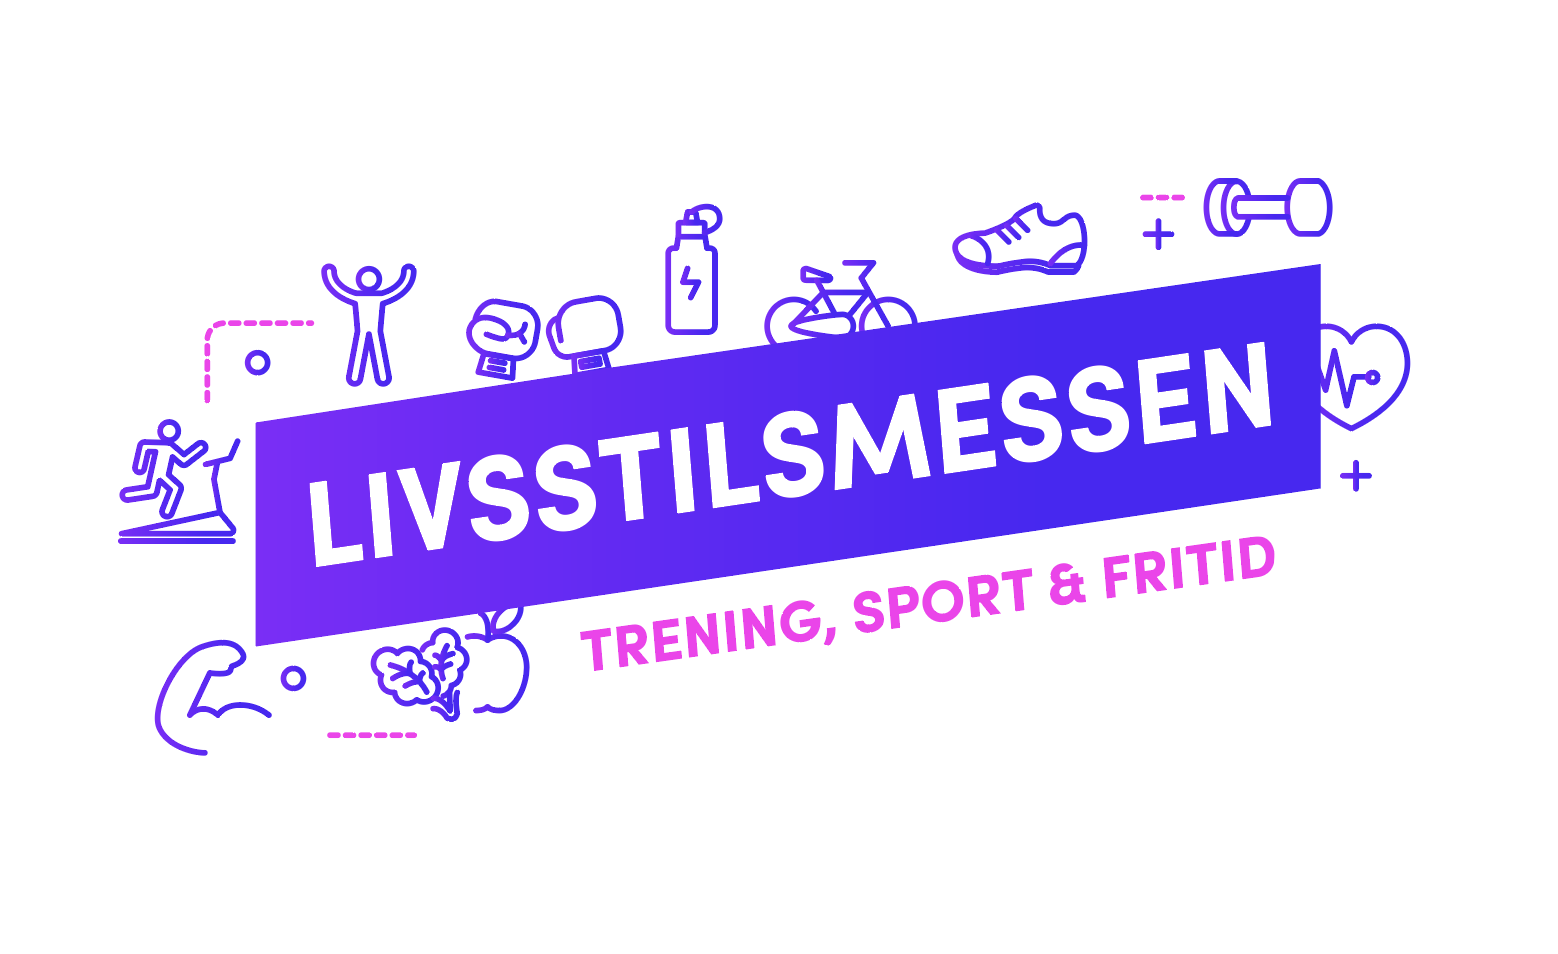 Logo-Livsstilsmessen 2019.png